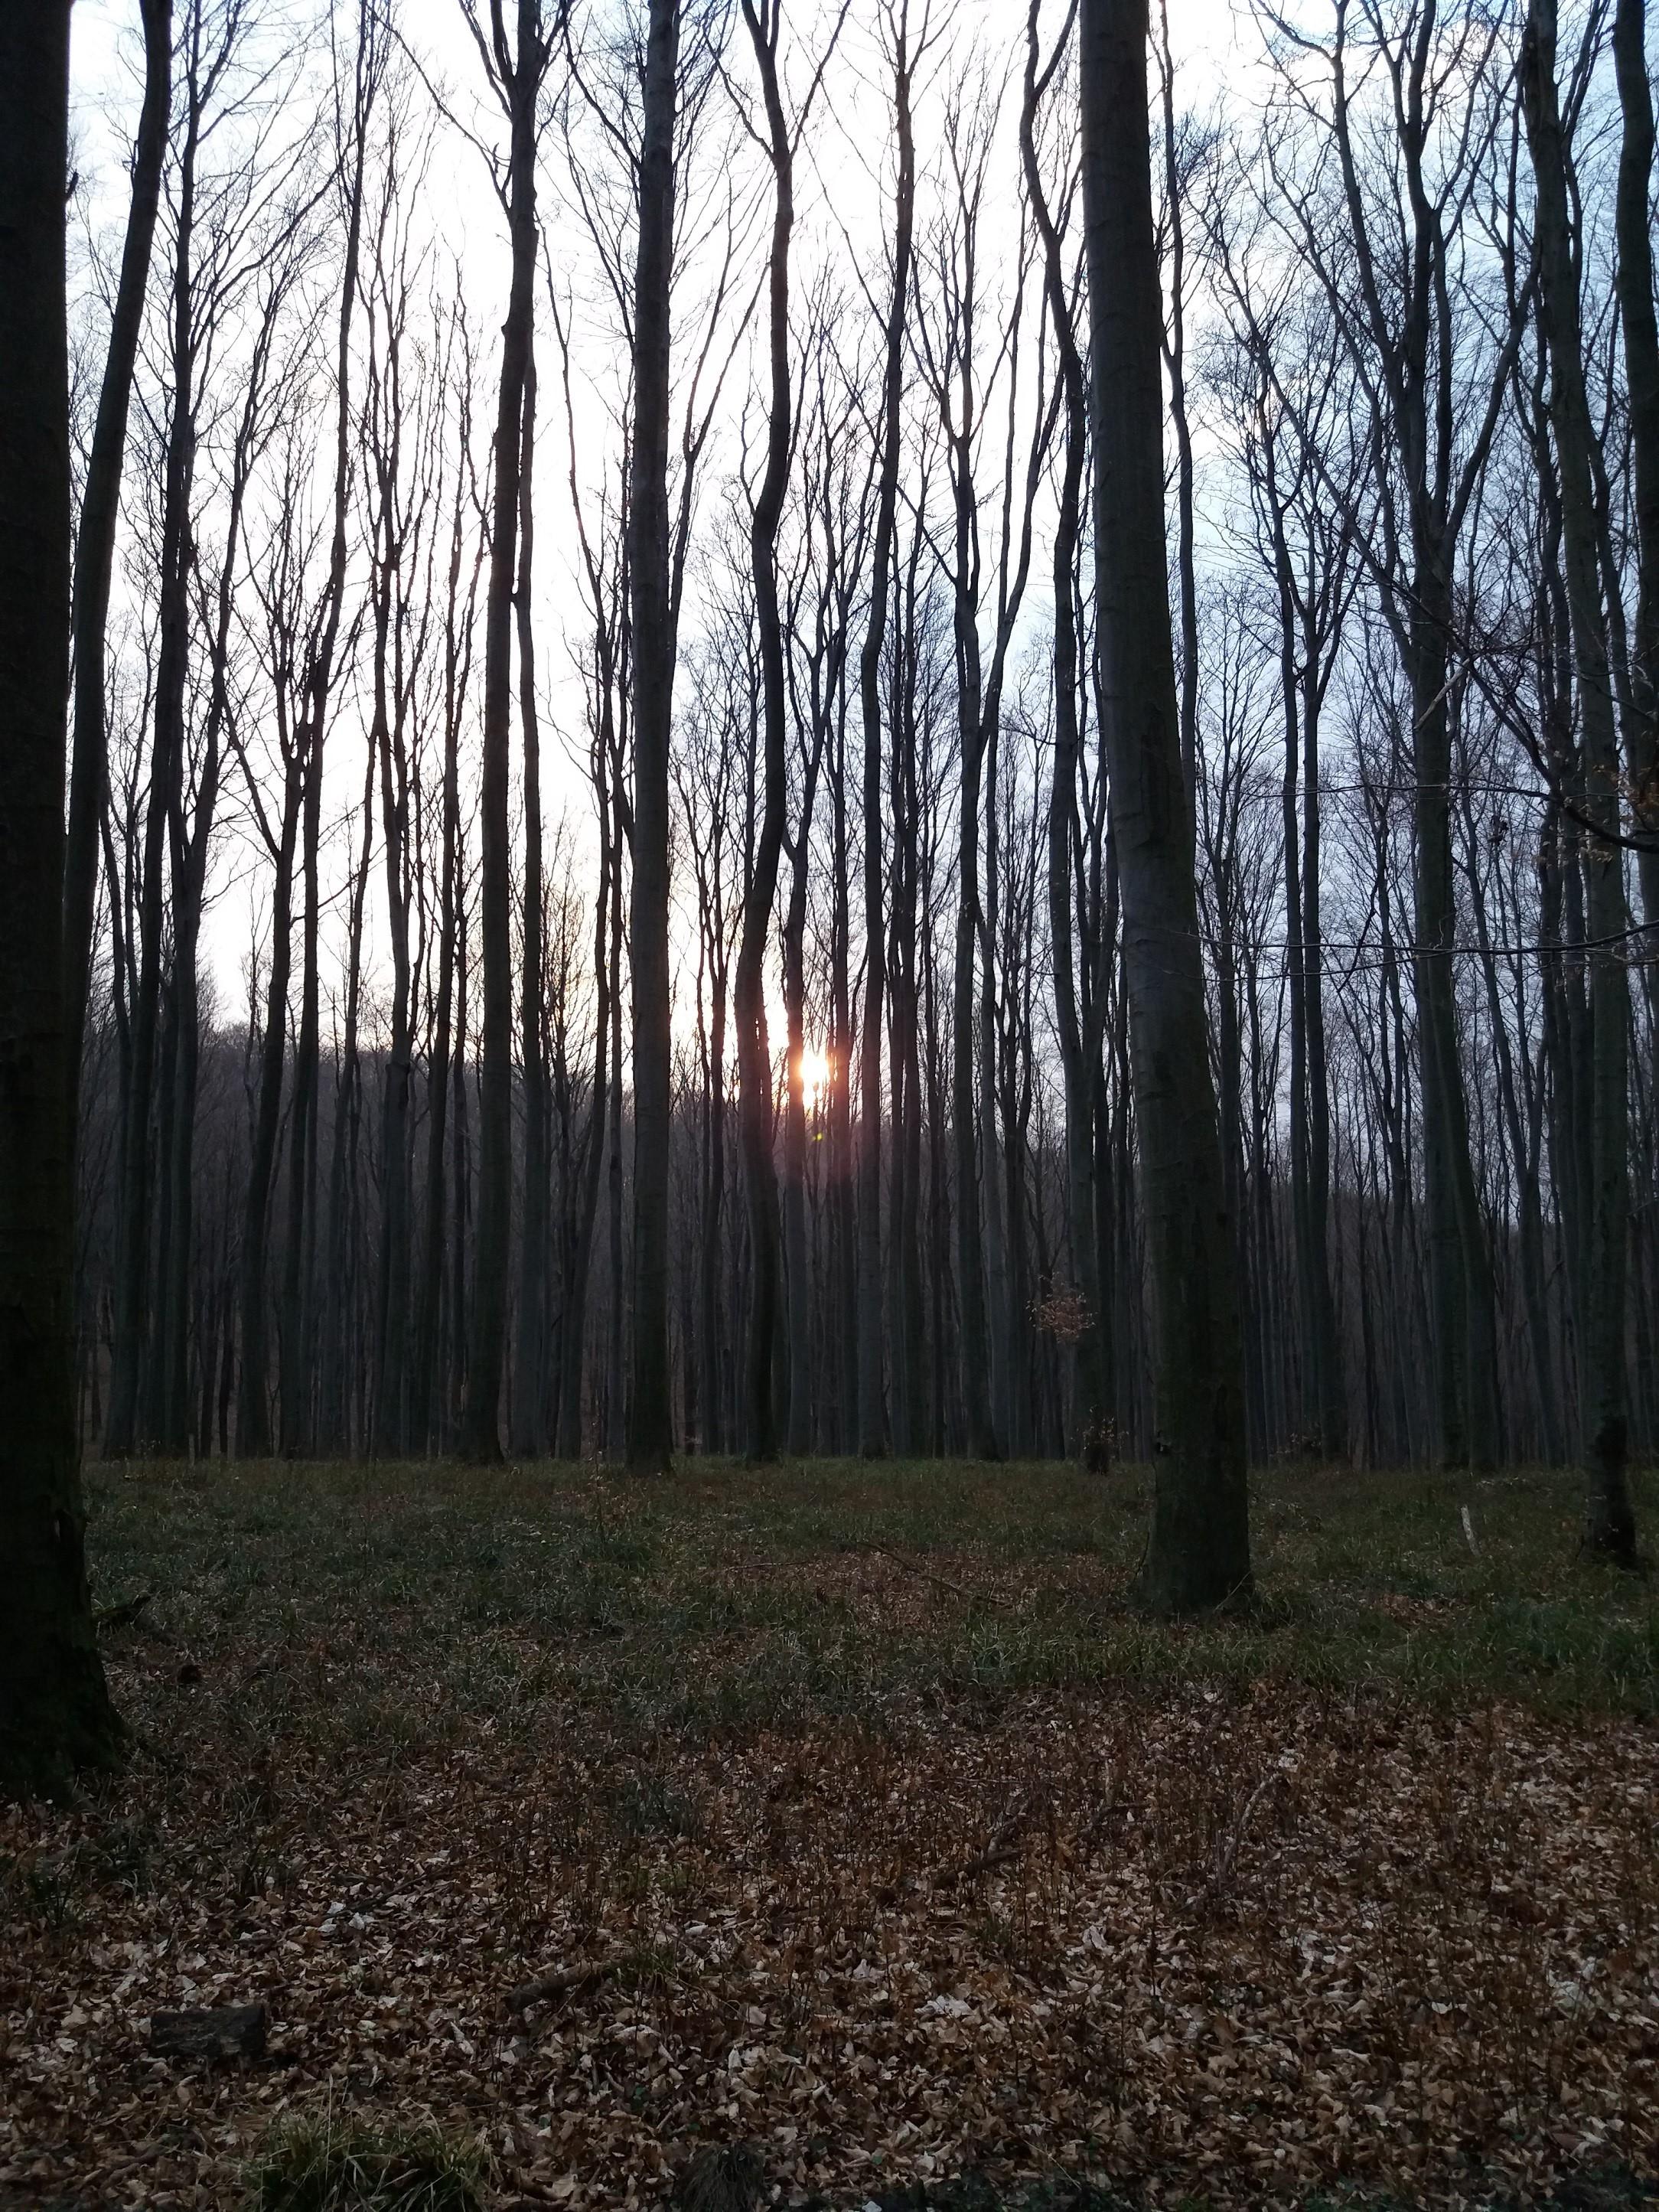 20170315_171715_1.jpg